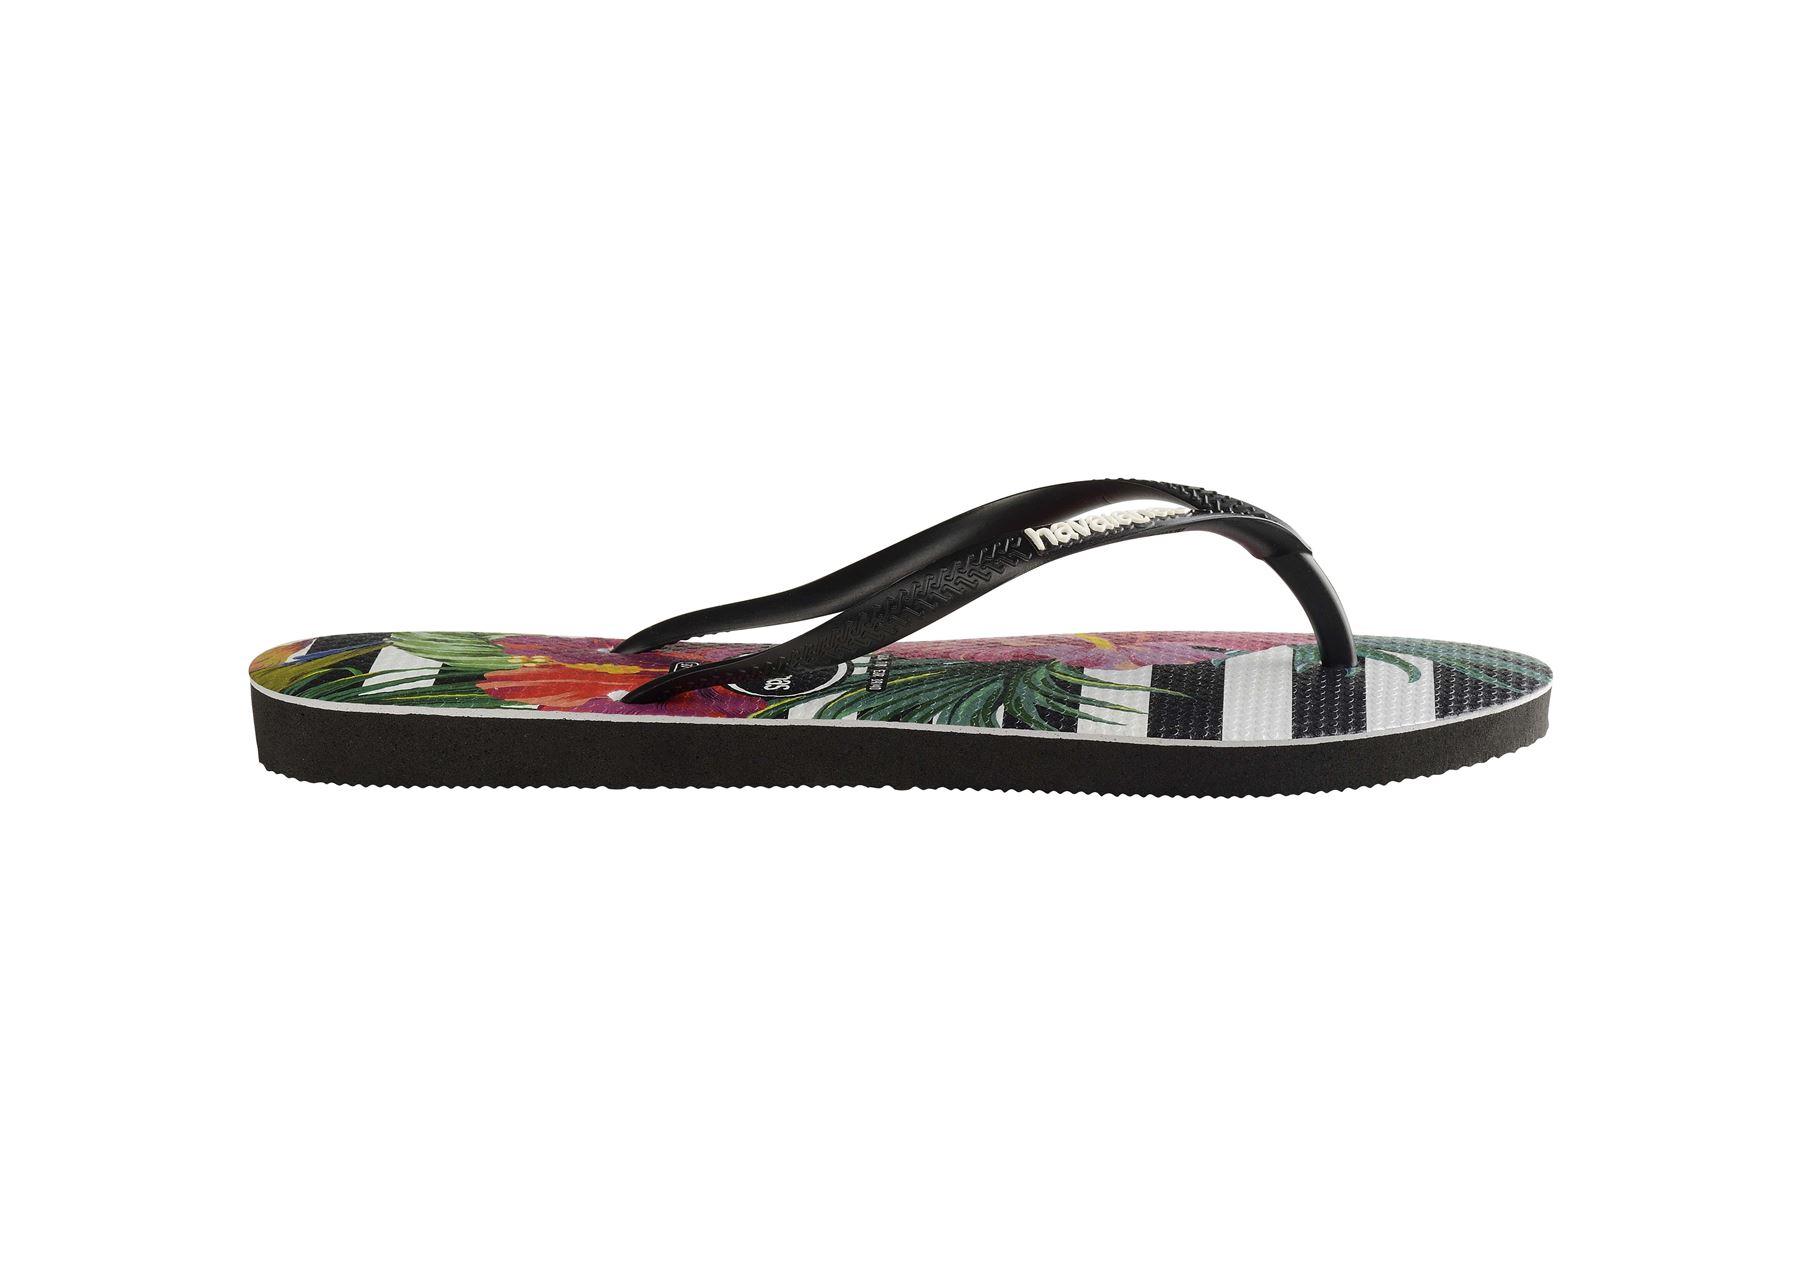 Havaianas-Slim-Tropical-amp-Imprime-Floral-Tongs-Ete-Plage-Piscine-Sandales miniature 7